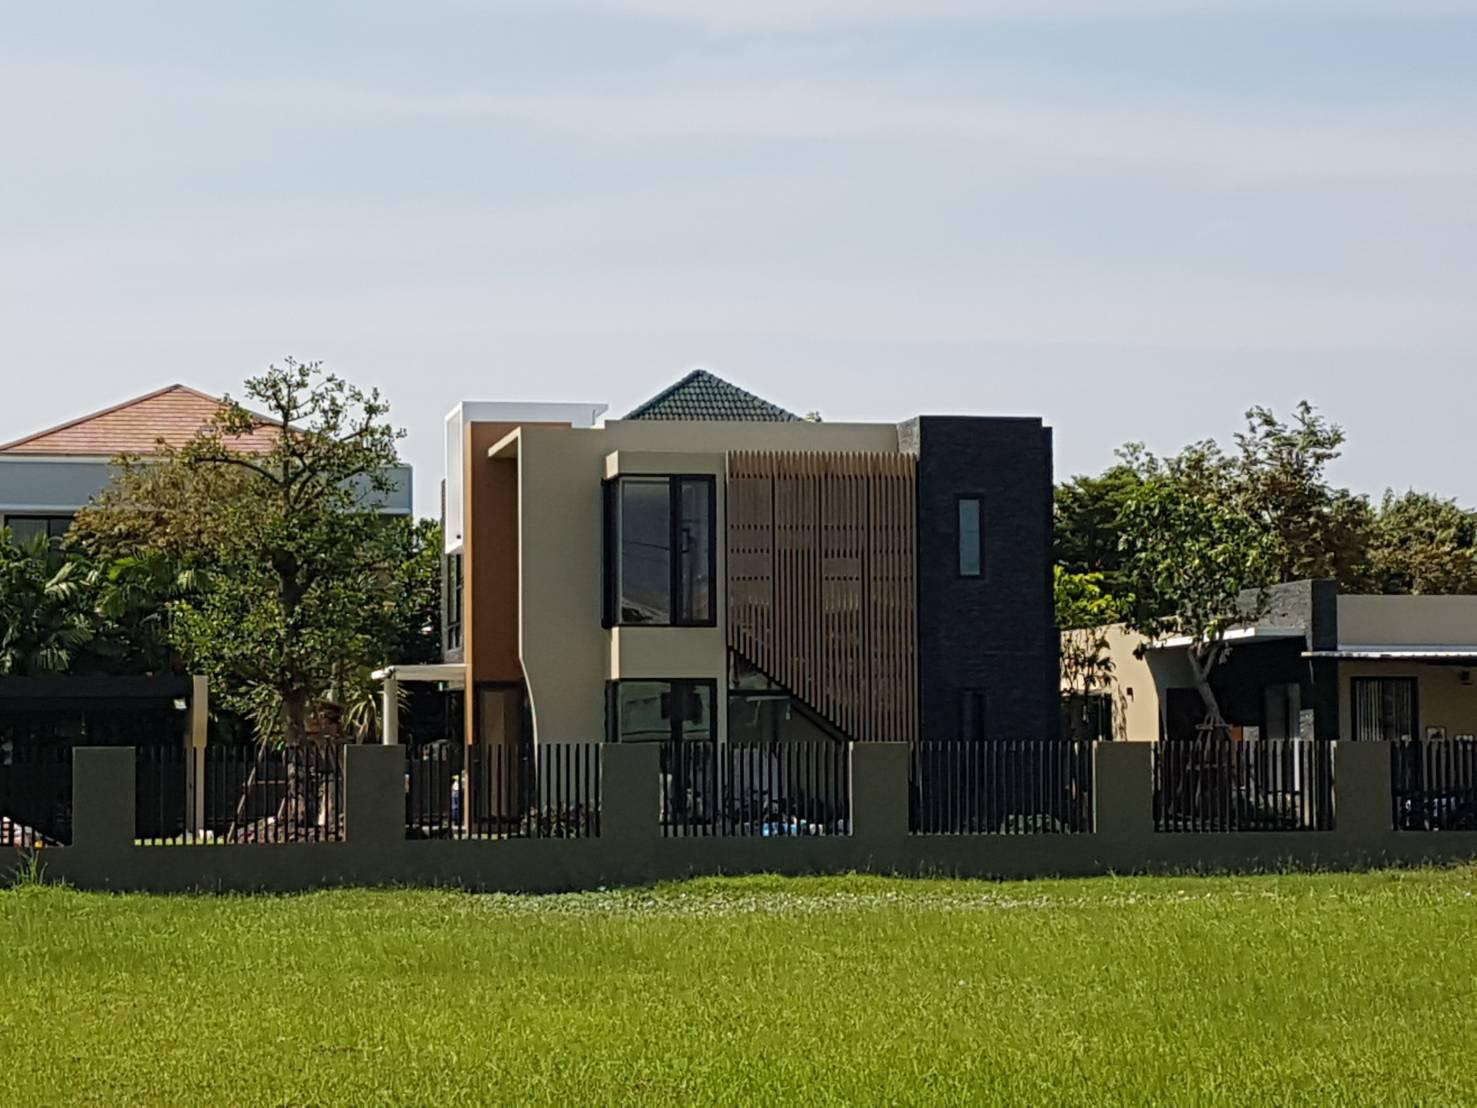 ที่ดินหมู่บ้านเอกชัยออร์คิดการ์เด้น อยู่บางบอน3 ซอย1 เข้าซอย100เมตรอยู่ซ้ายมือ ติดสวนน้ำ ที่ดินติดถนนเมนในหมู่บ้าน